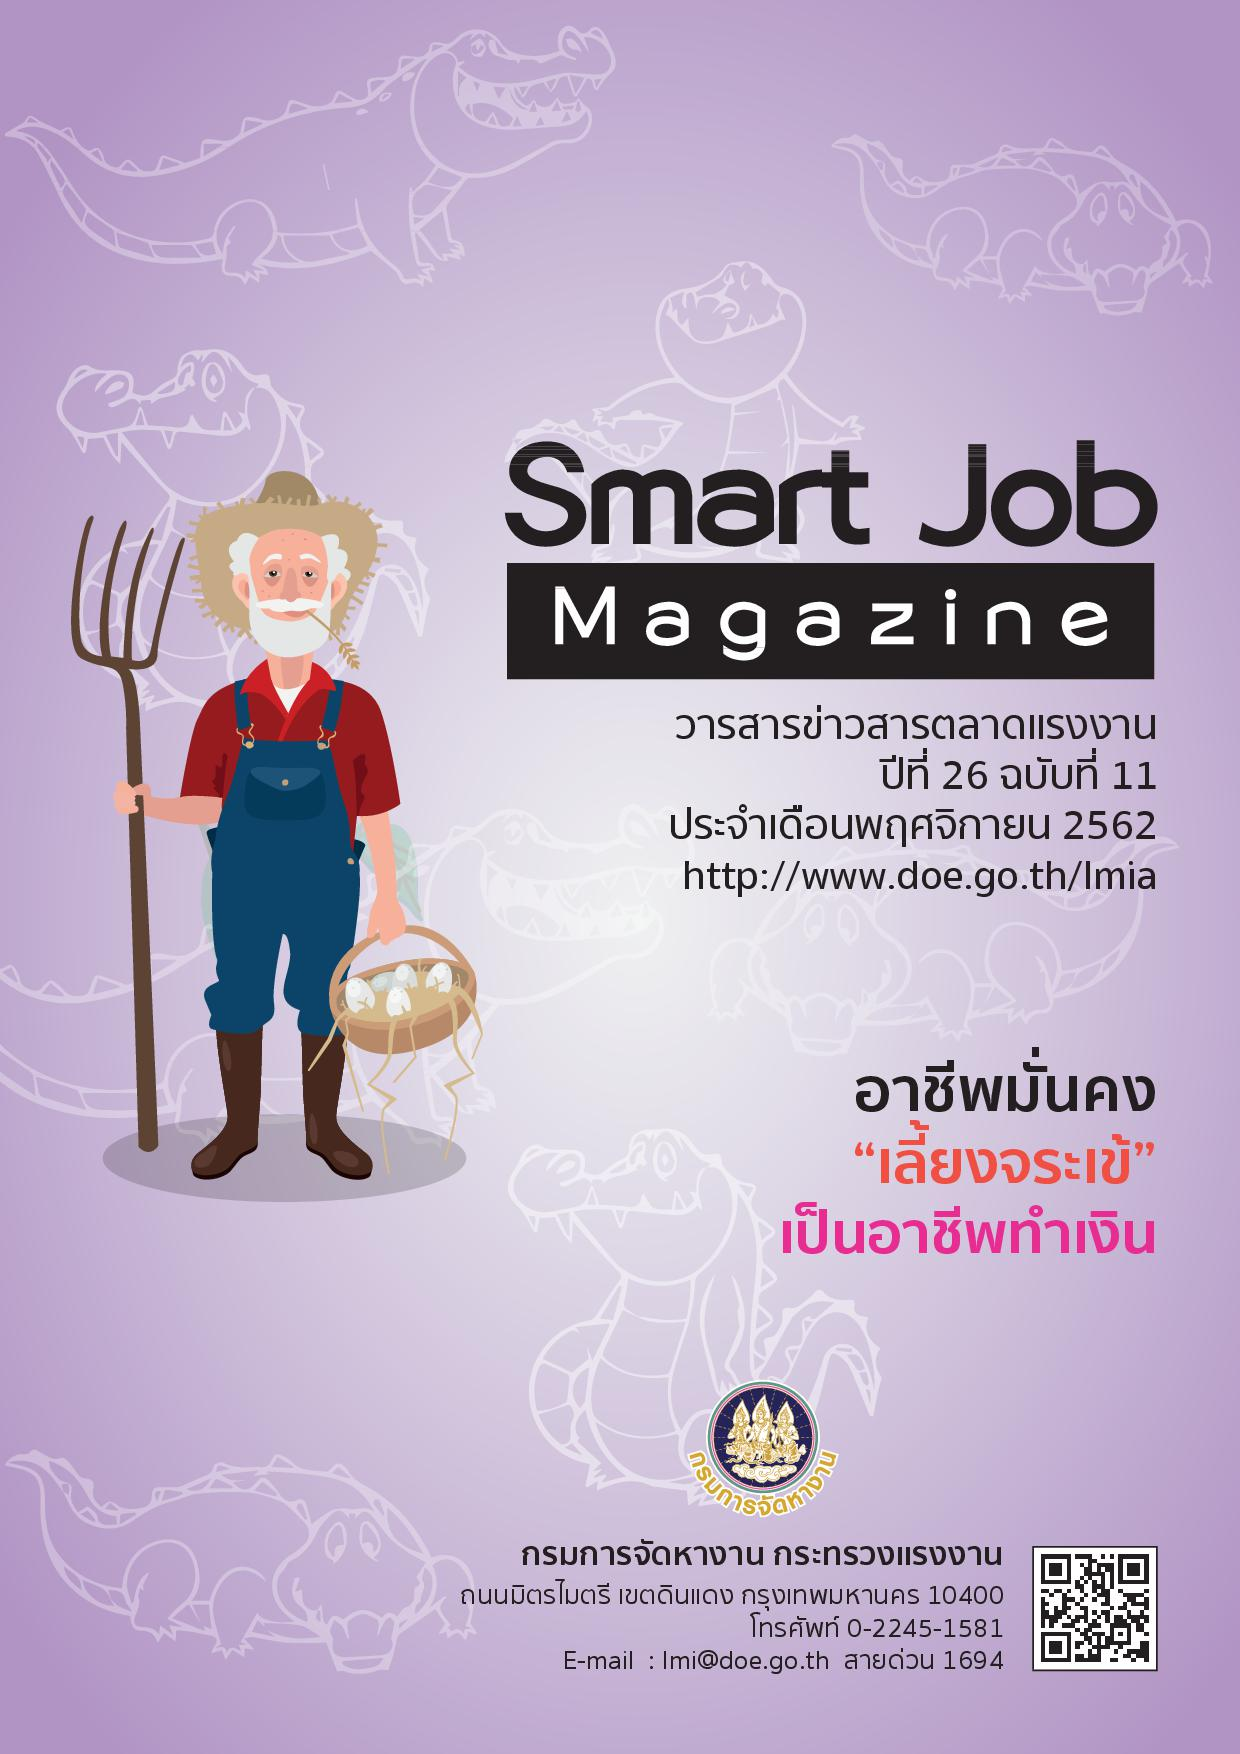 วารสารข่าวสารตลาดแรงงาน ปีที่ 26 ฉบับที่ 11 เดือนพฤศจิกายน 2562